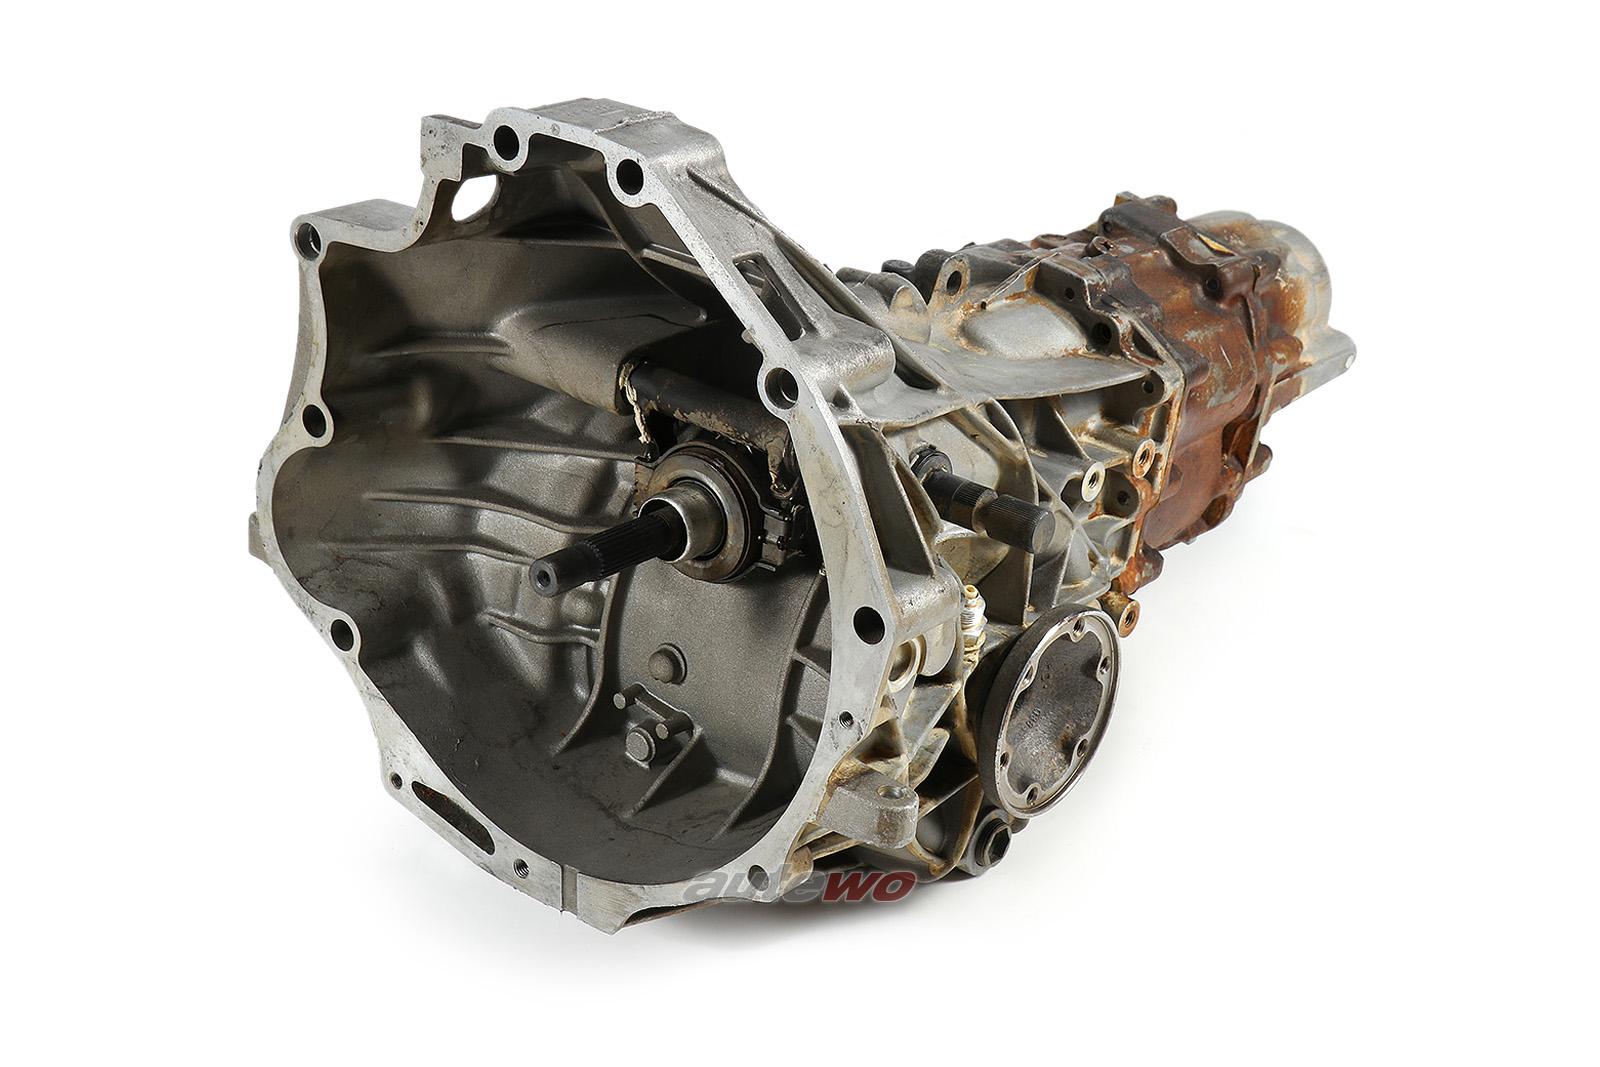 093300041P NEU Audi/VW 80/Coupe Typ 81 2.0l 5 Zylinder 5-Gang-Schaltgetriebe 3N